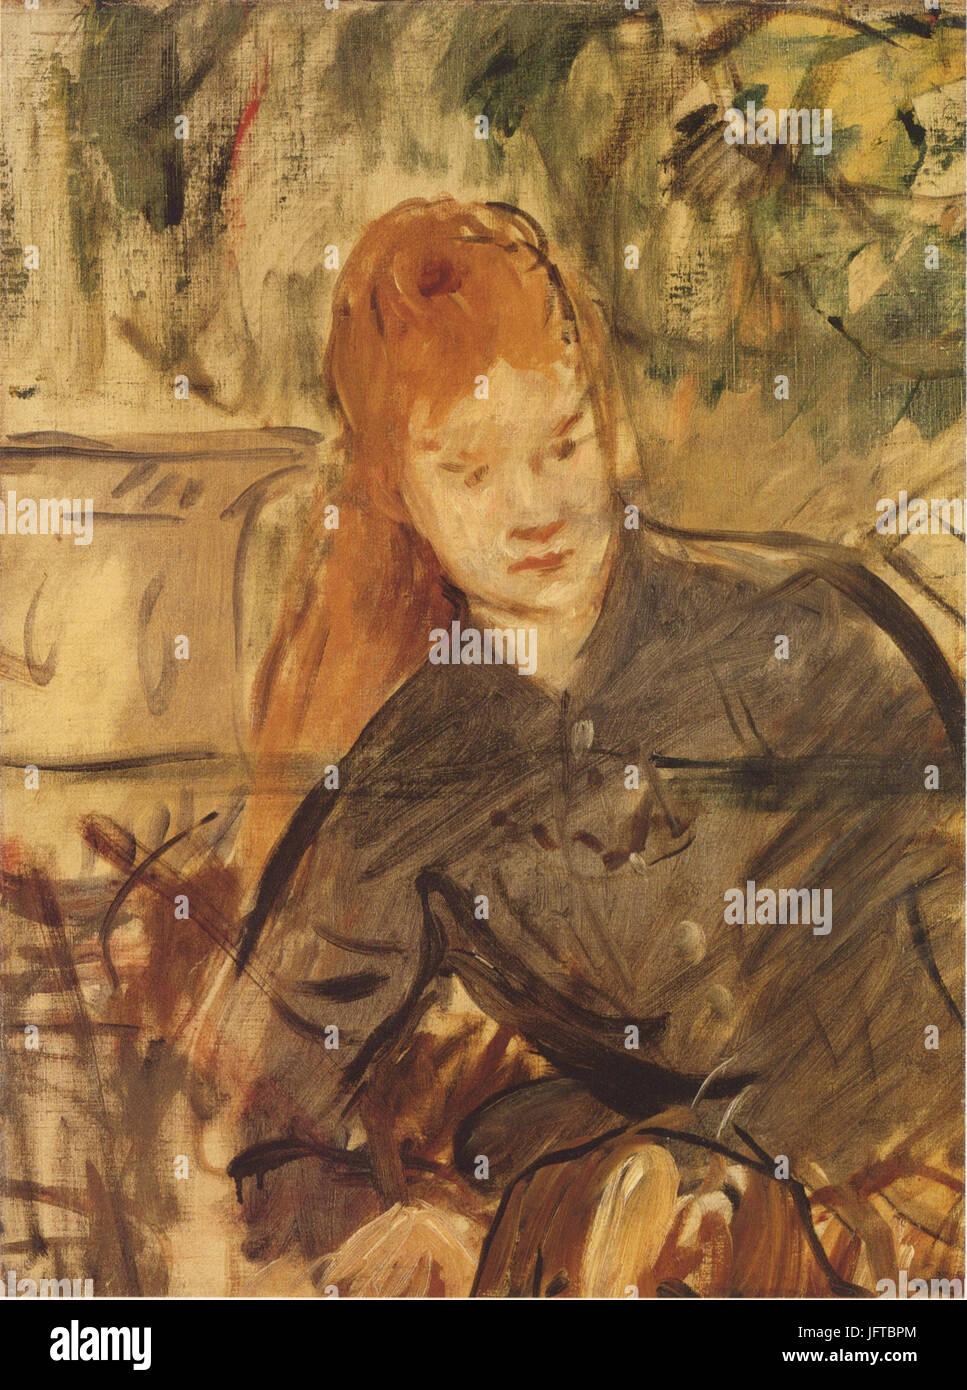 Édouard Manet - Femme à mi-corps (RW 340) - Stock Image